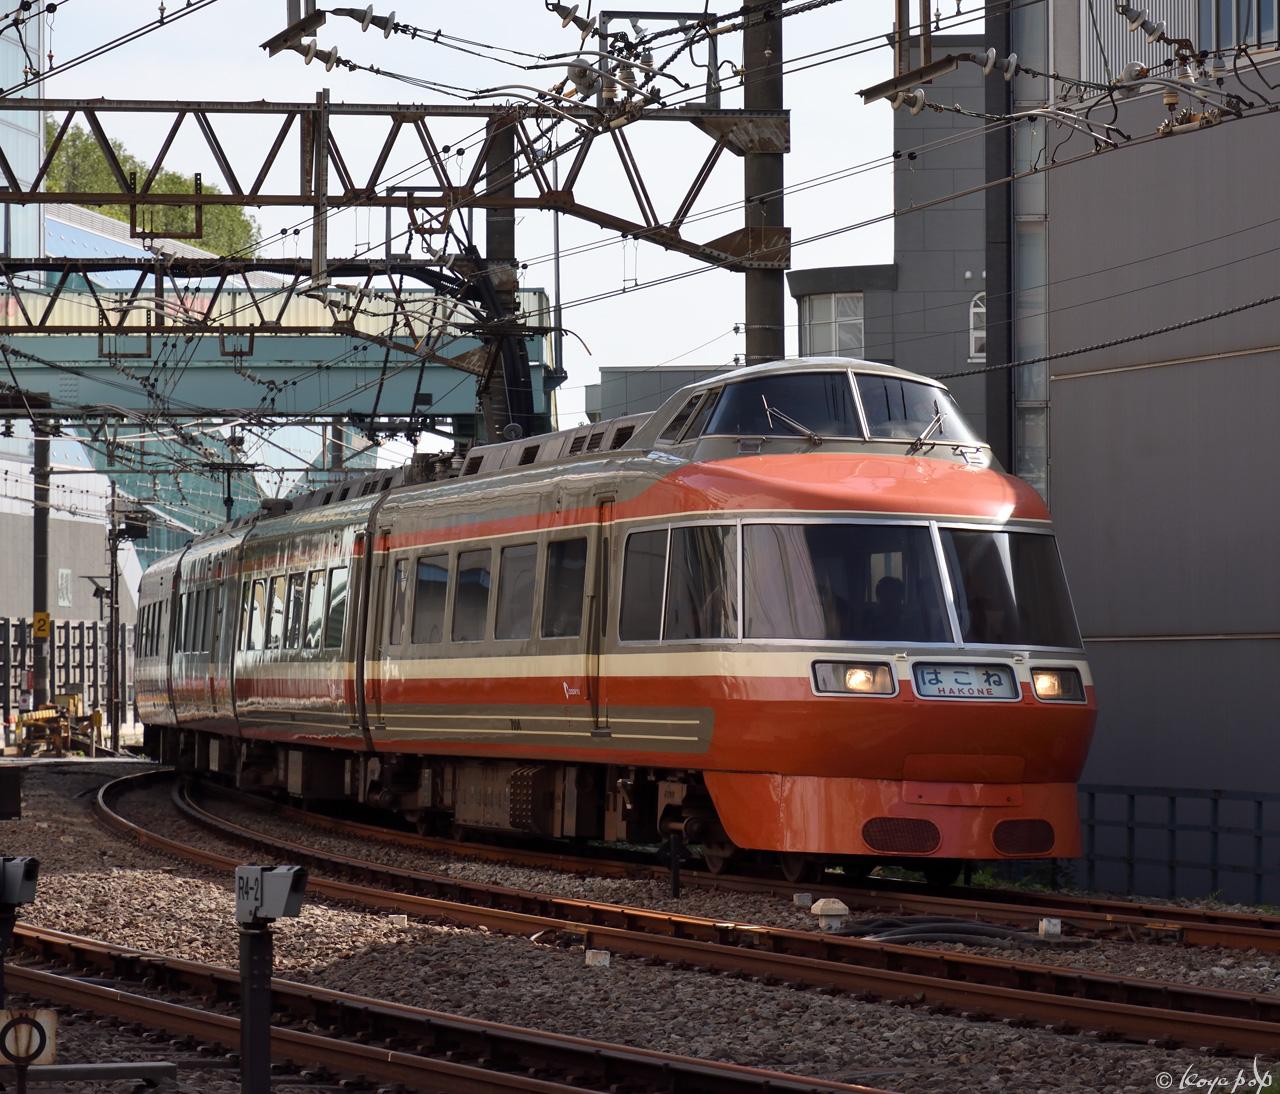 180607R-214x1280-1